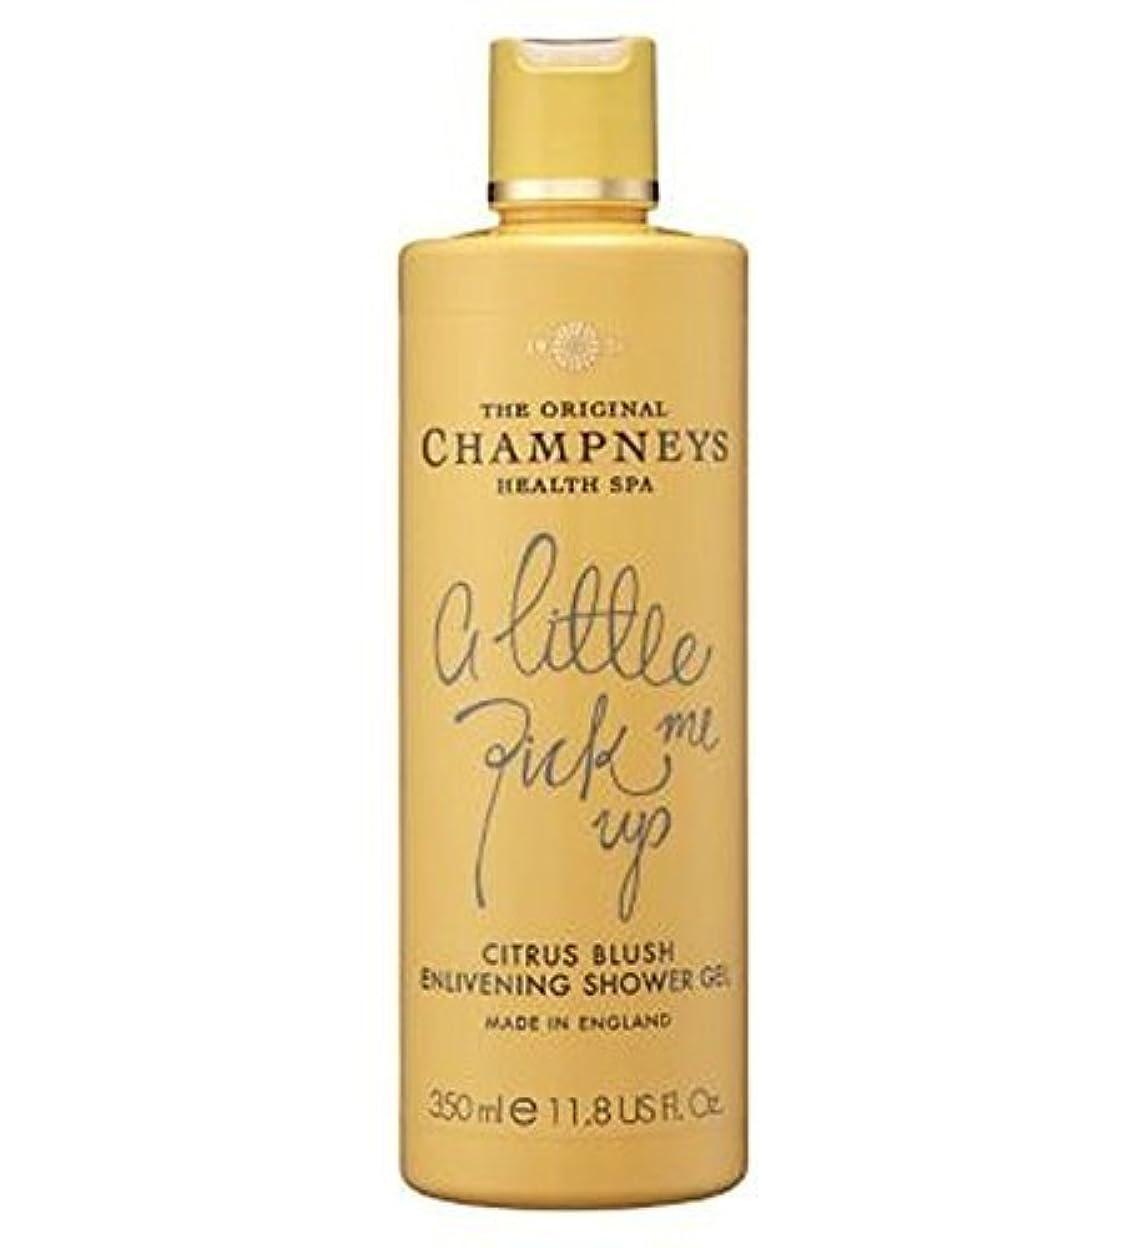 周囲表面的な邪魔するChampneys Citrus Blush Enlivening Shower Gel 350Ml by Champneys